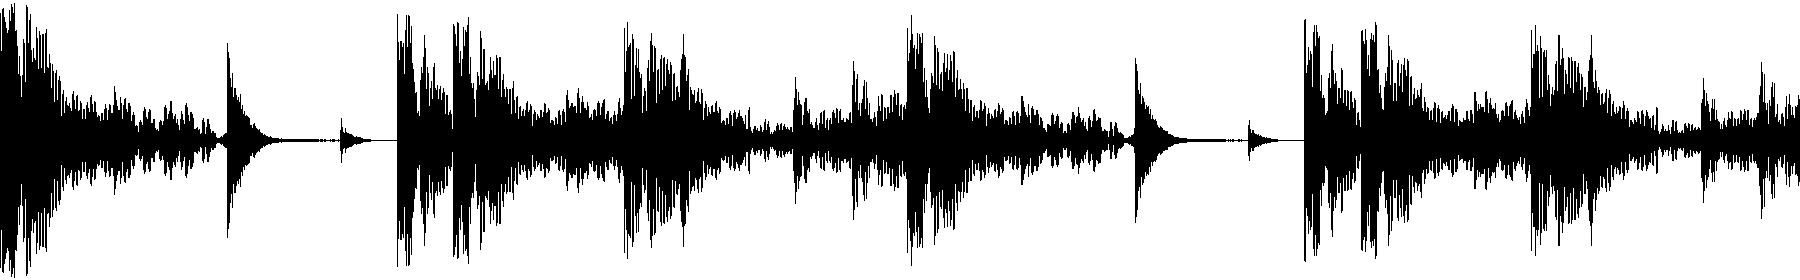 blbc electrodrums 110 01